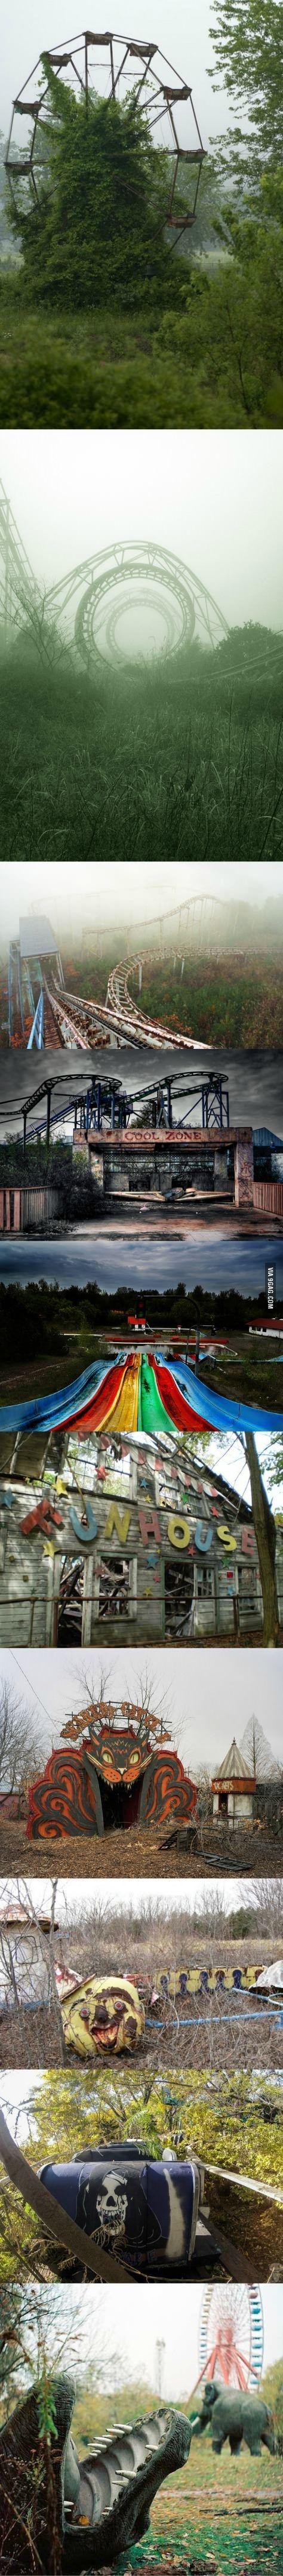 Mais bonito que se estivesse em funcionamento. Creepy amusement park